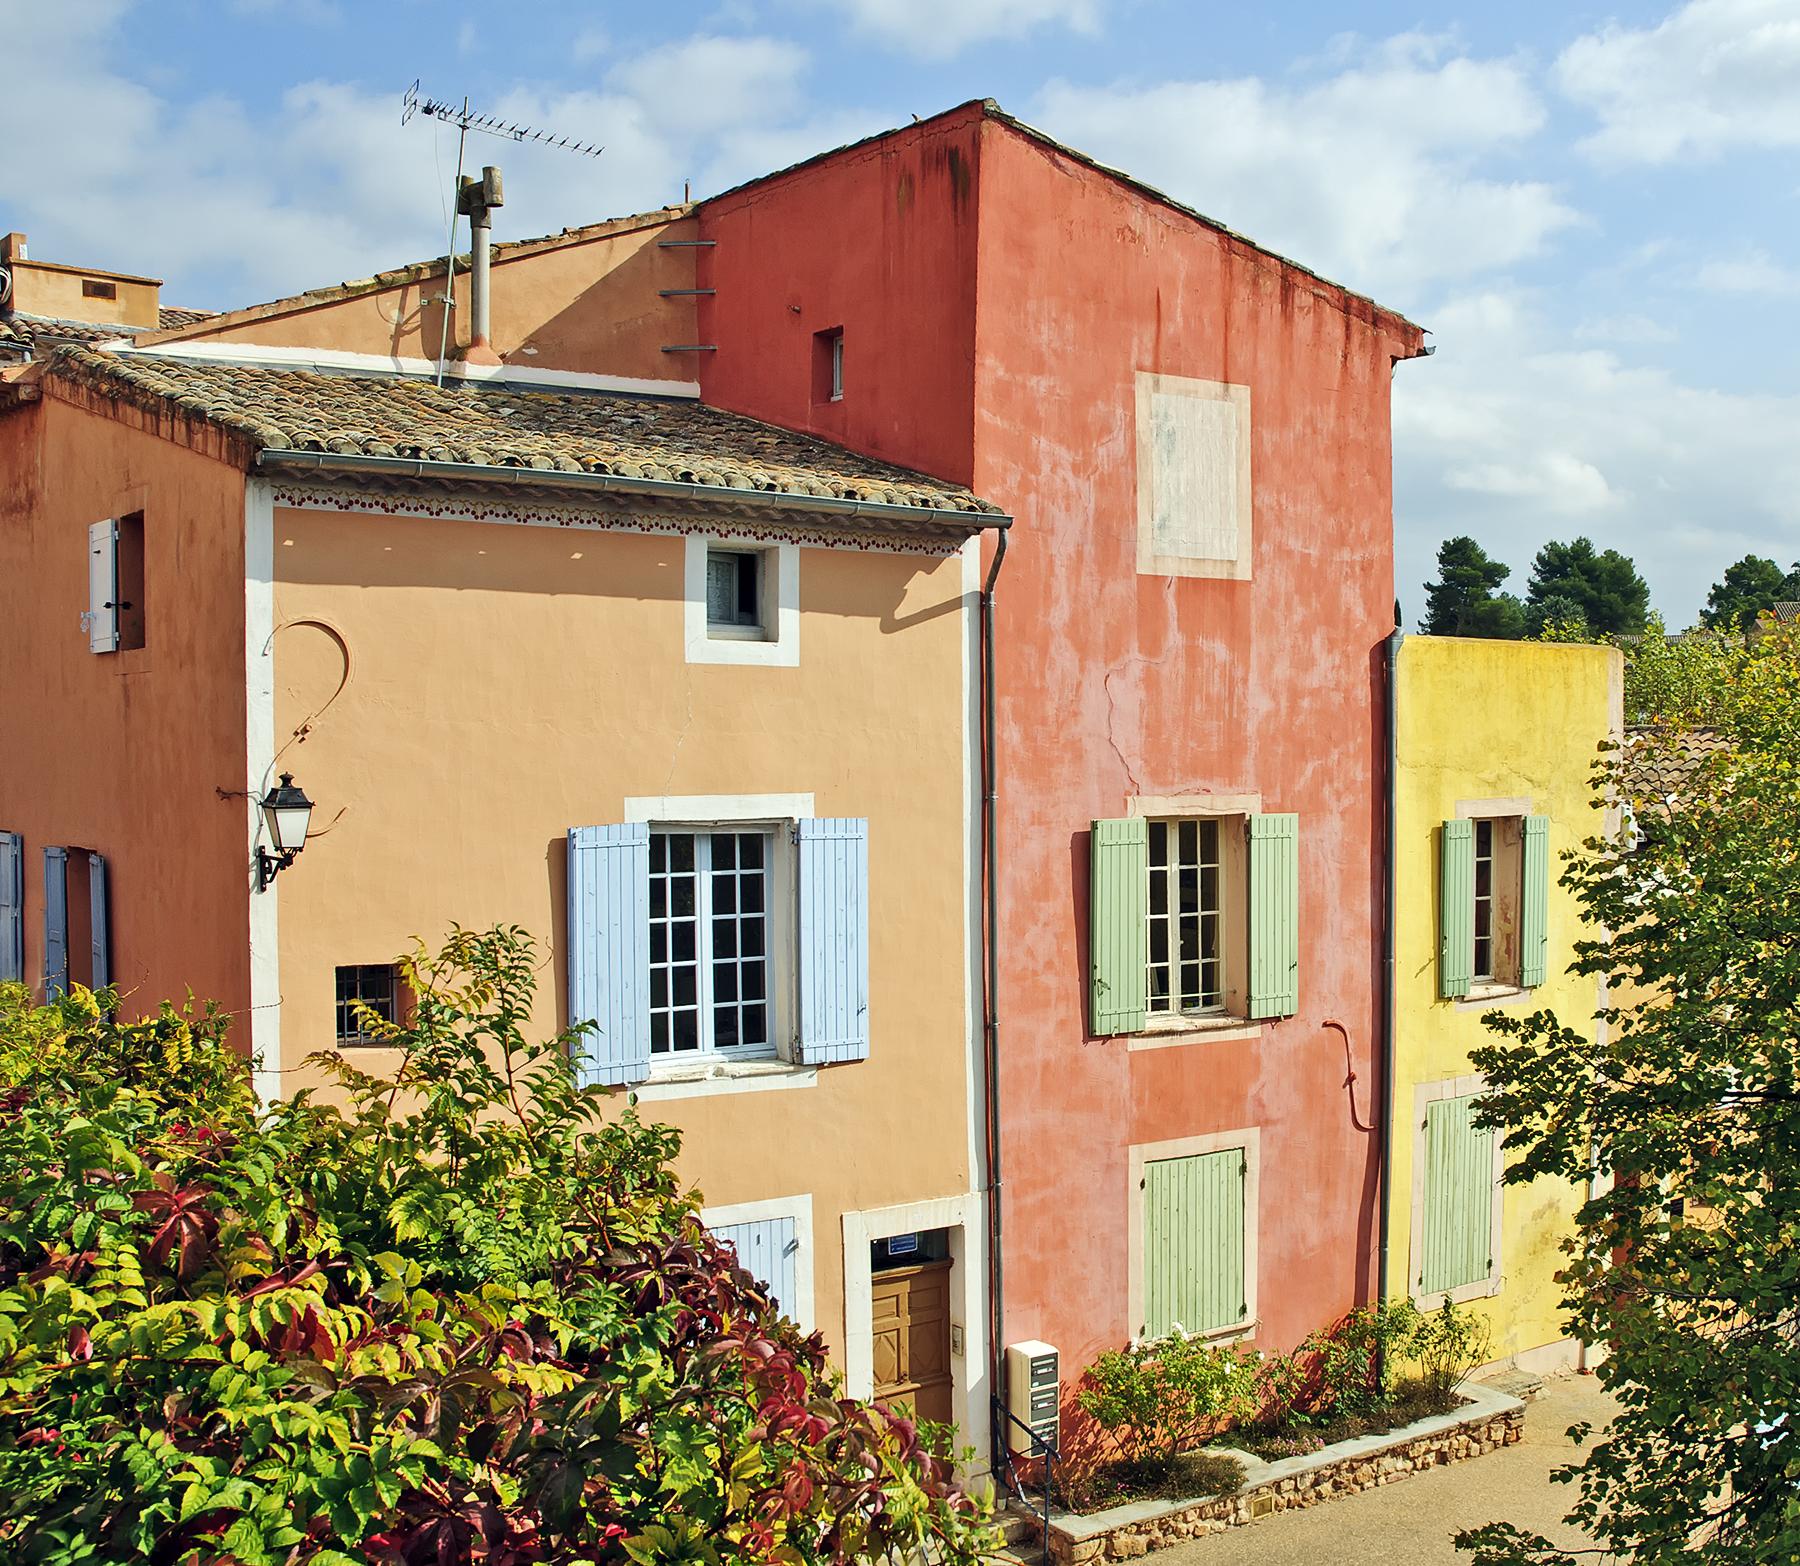 Couleurs Facades En Provence un tour photographique de roussillon (version française